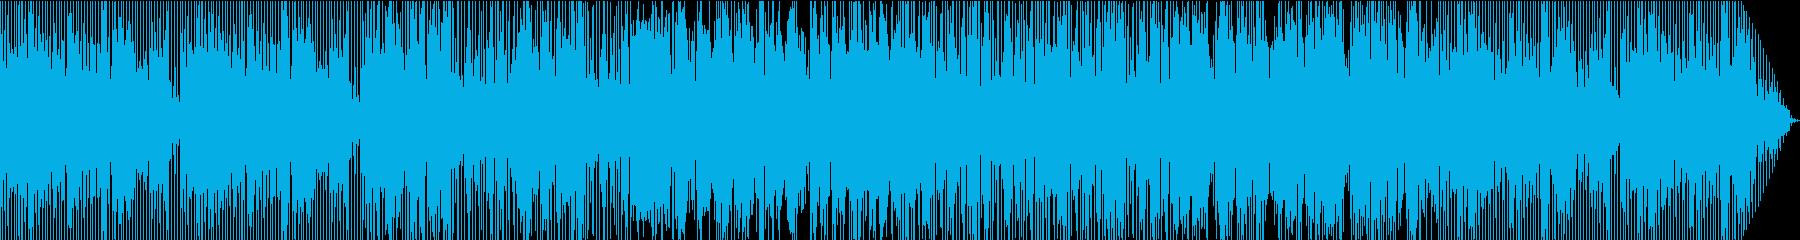 哀愁を帯びたジャズの再生済みの波形